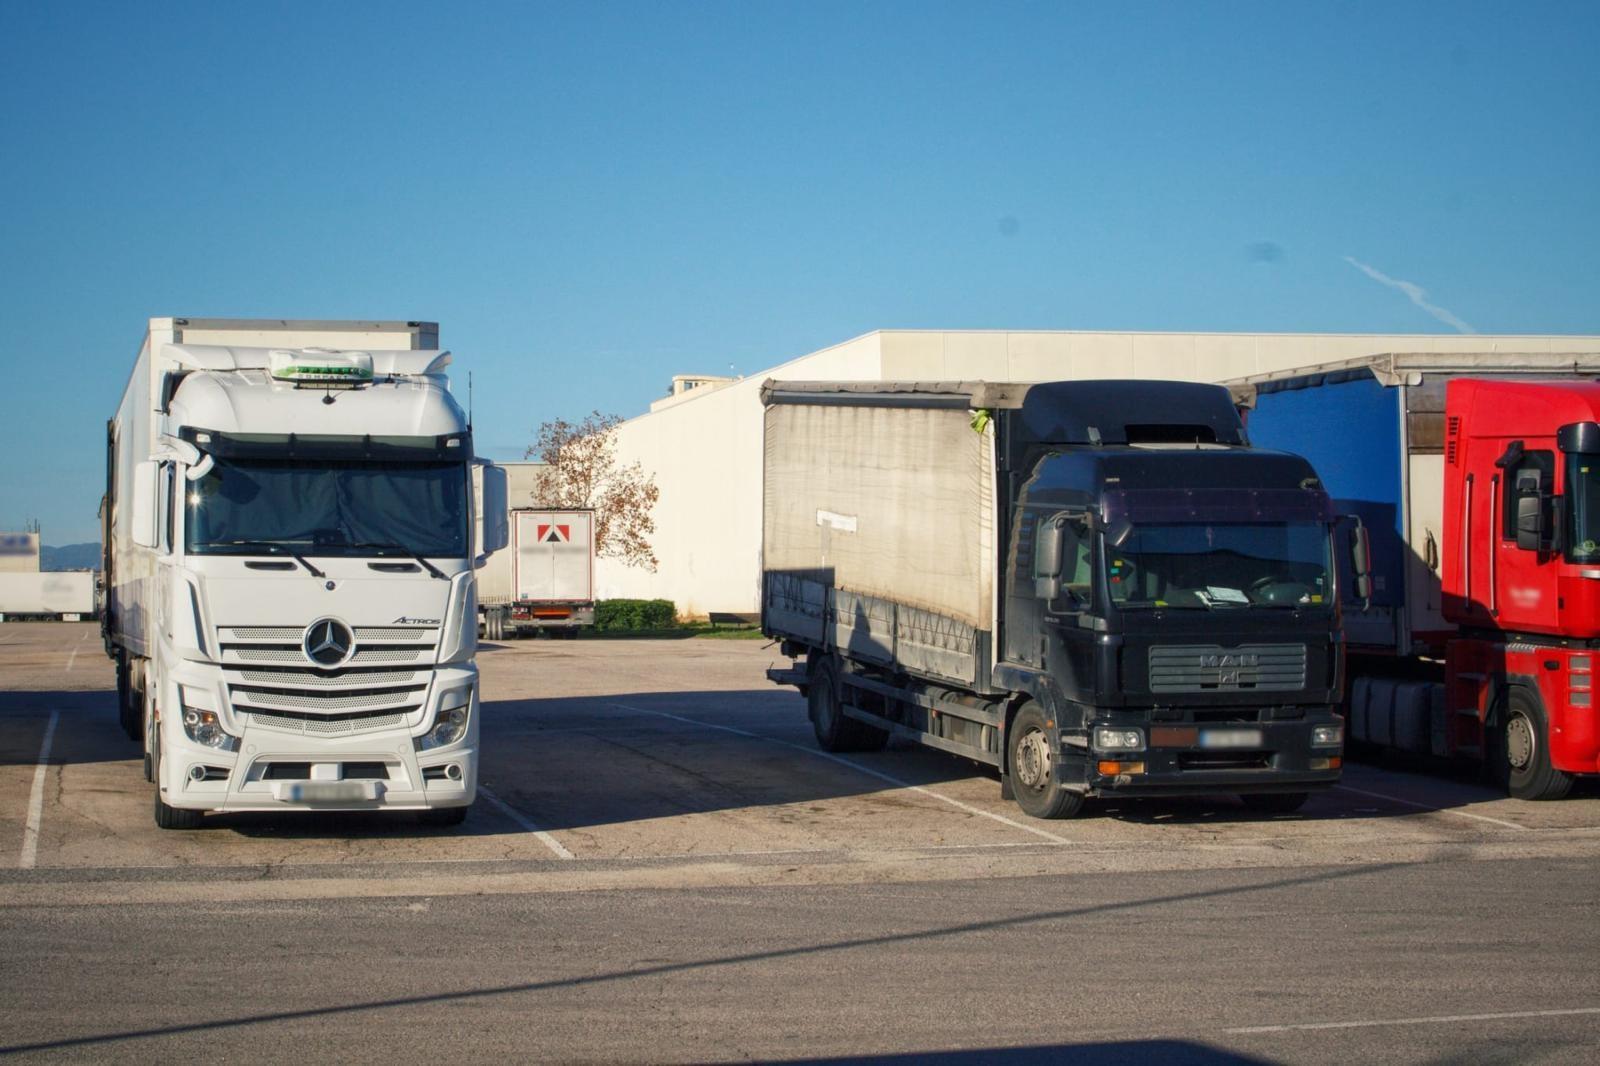 La Generalitat aprueba que los establecimientos de restauración de carretera no queden sujetos a ninguna franja horaria para prestar servicio a tr...